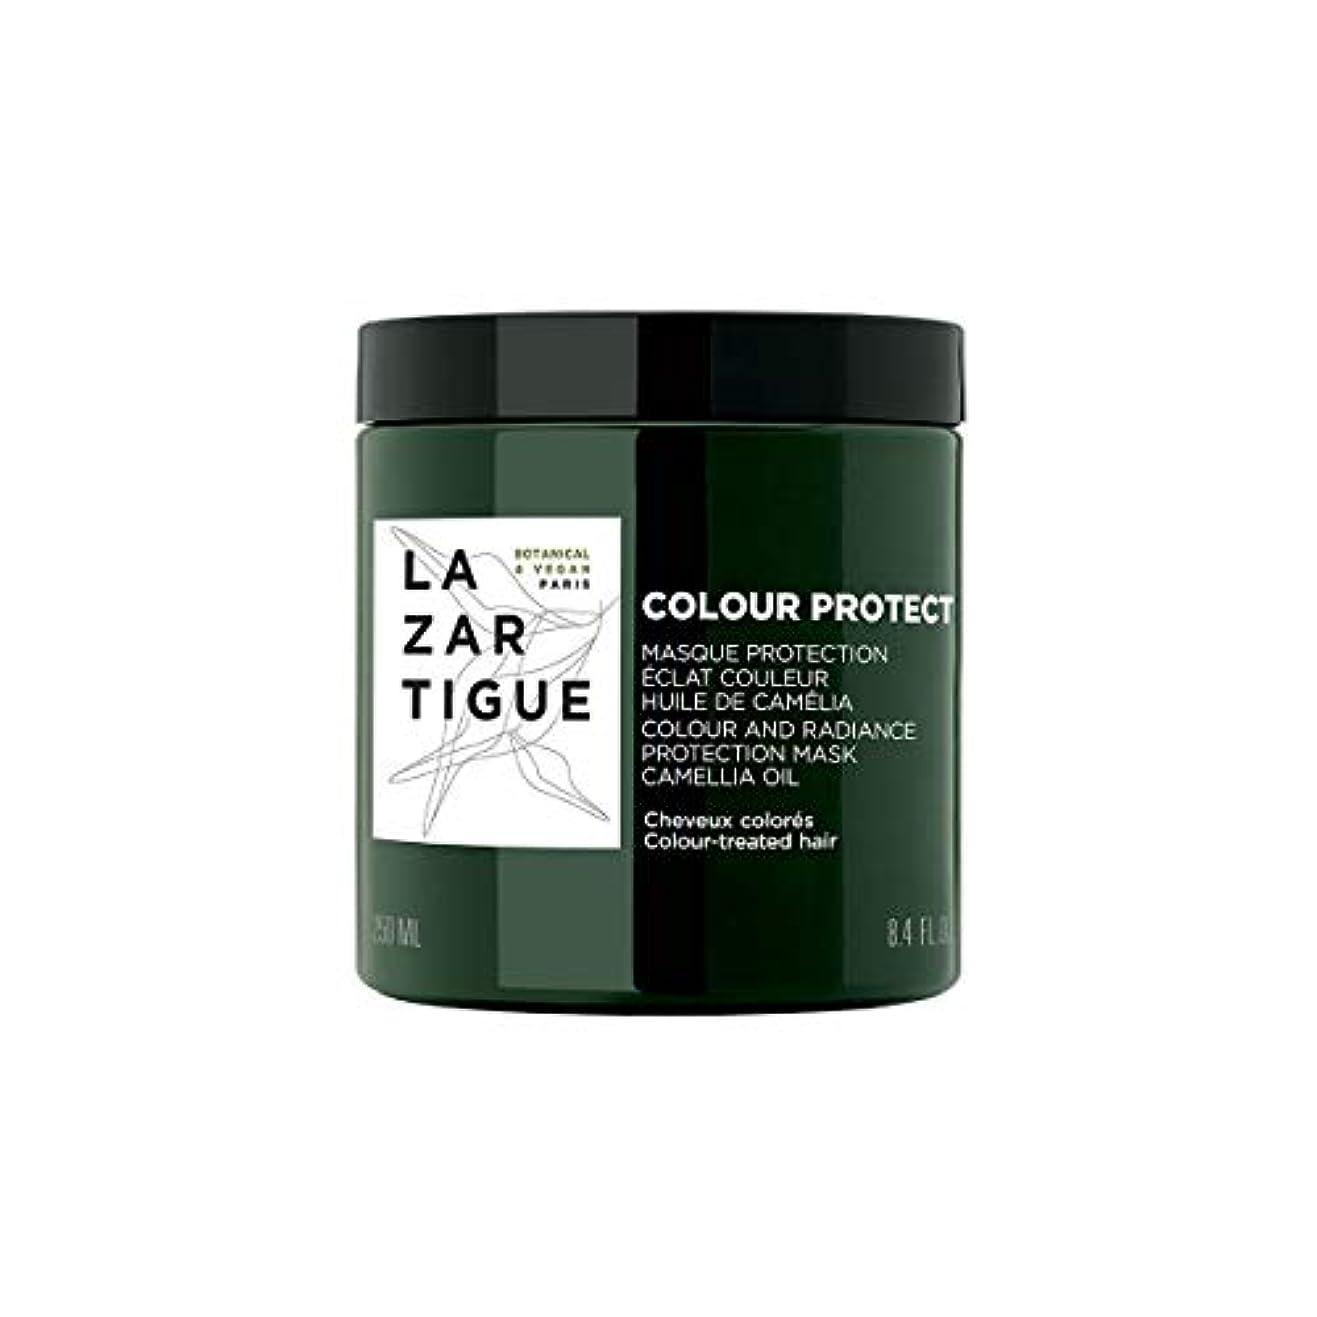 抽選活気づけるマリナーLazartigue Color Protect Color and Radiance Protection Mask Colour-Treated Hair 250ml